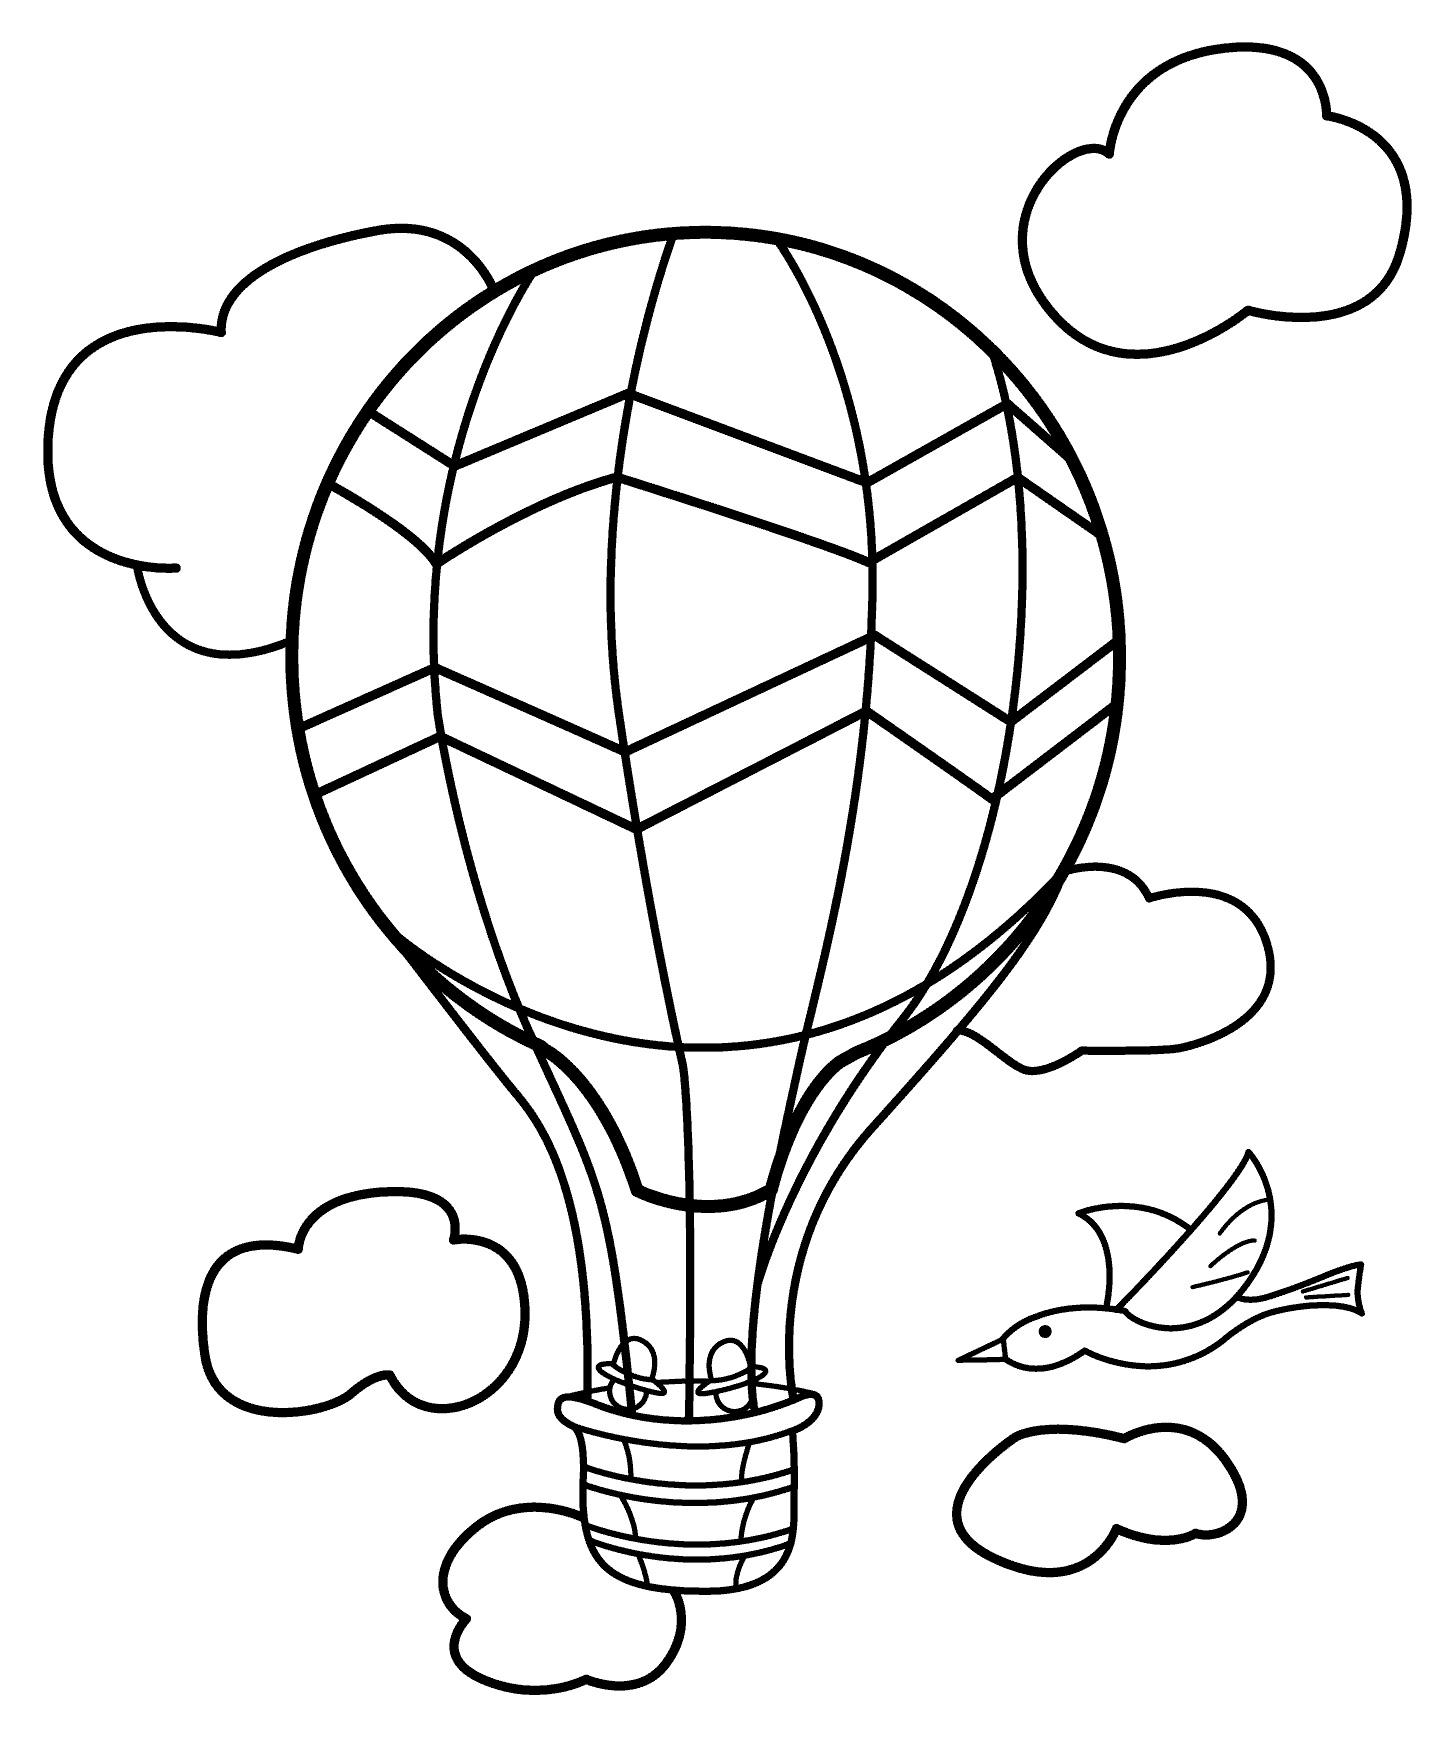 Раскраска Воздушный шар распечатать или скачать бесплатно